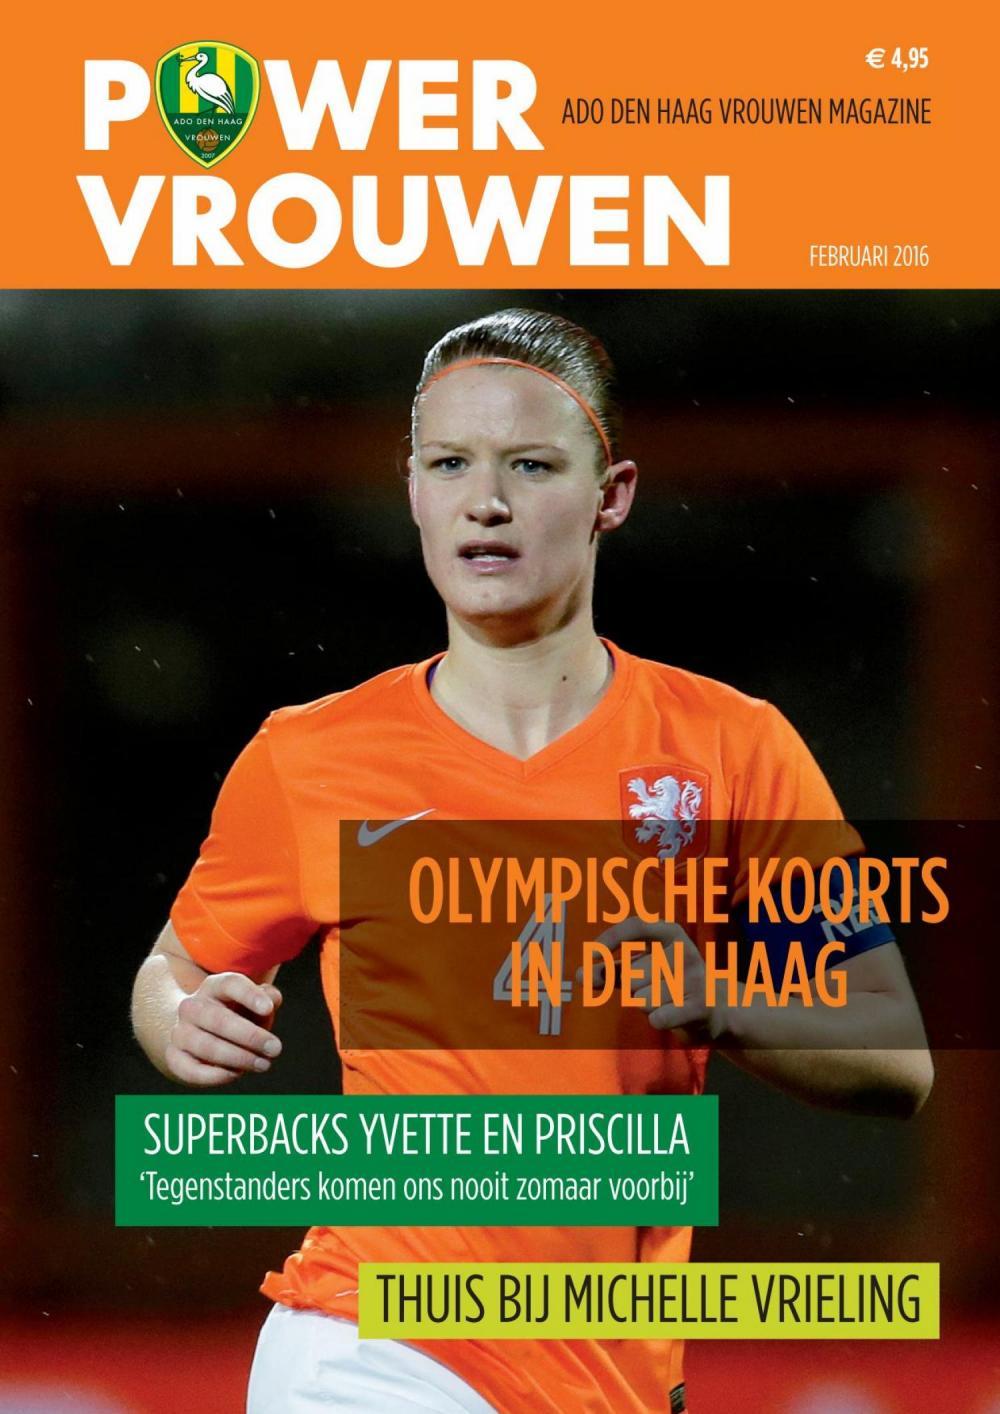 Powervrouwen Magazine februari 2016